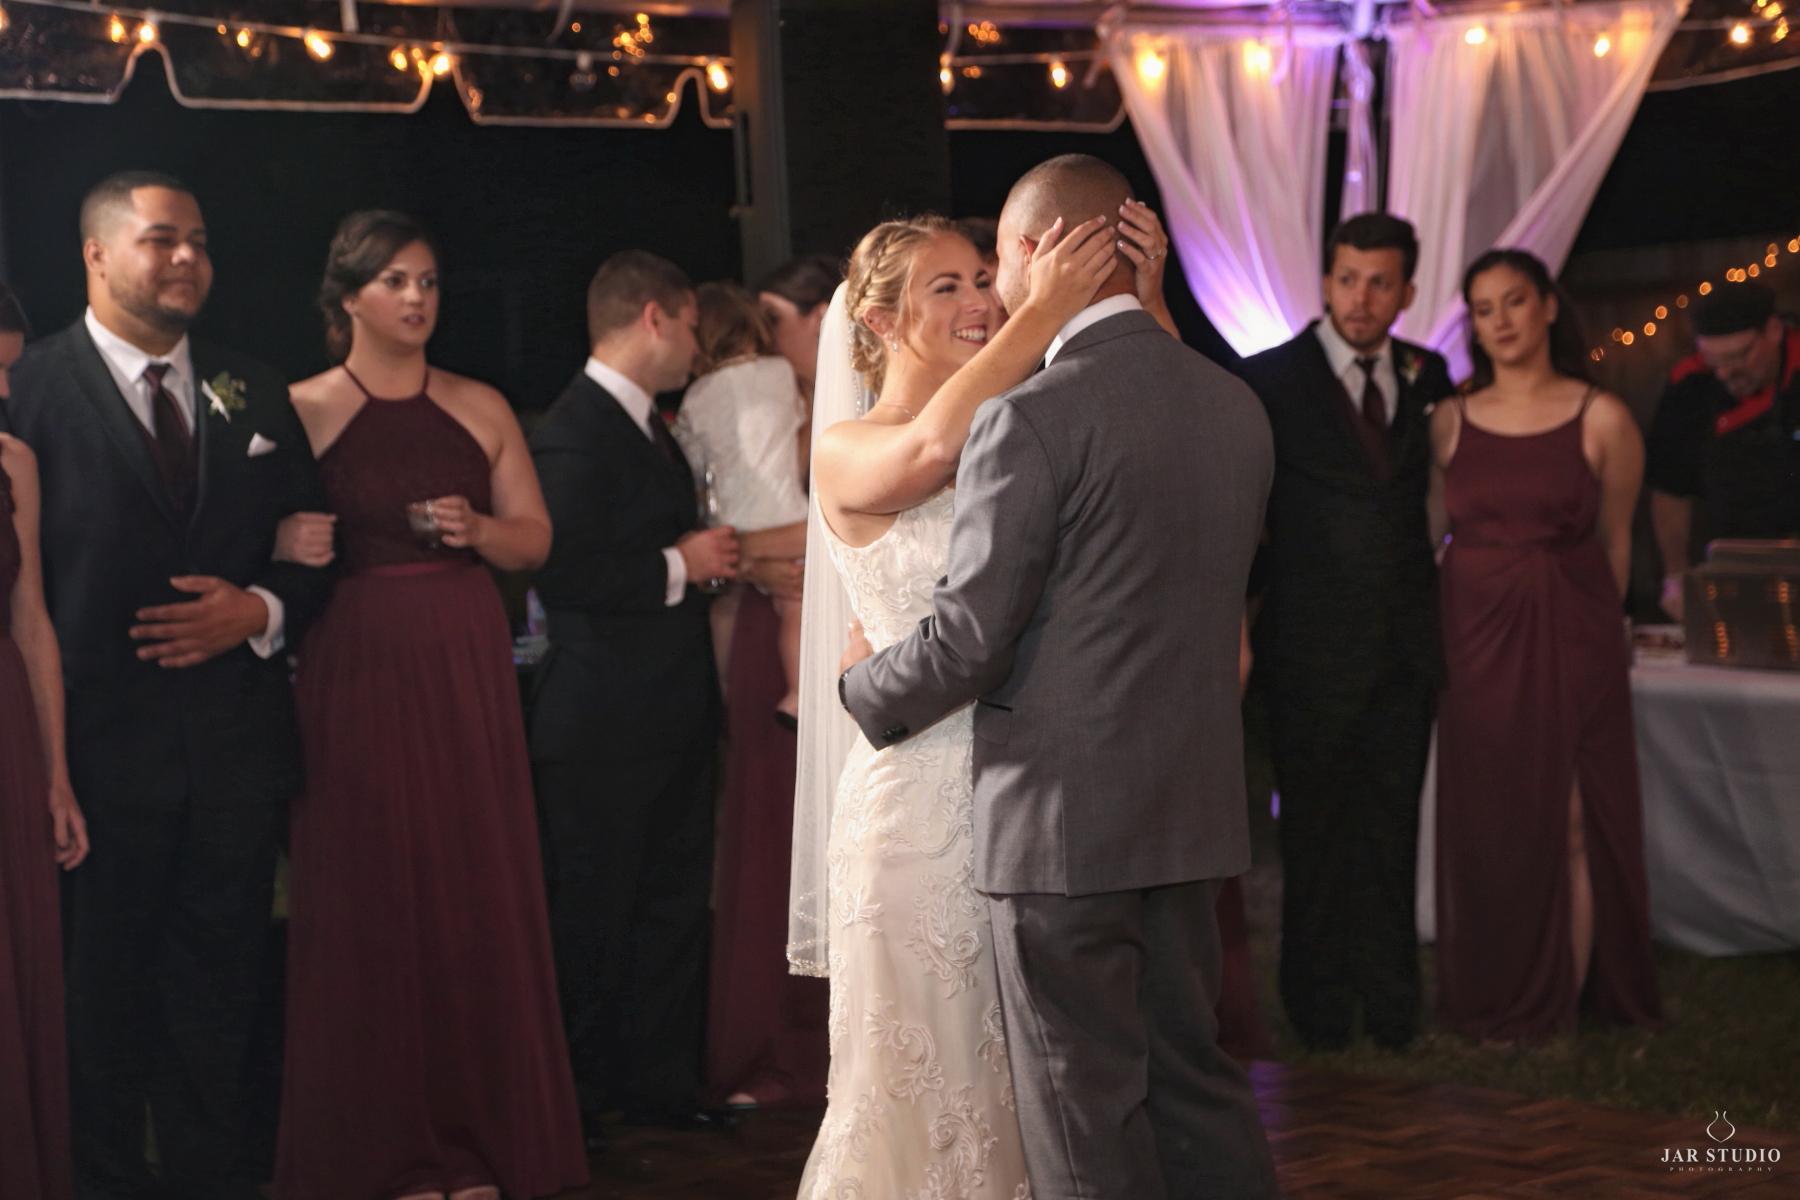 jarstudio-wedding-photographer-526.JPG